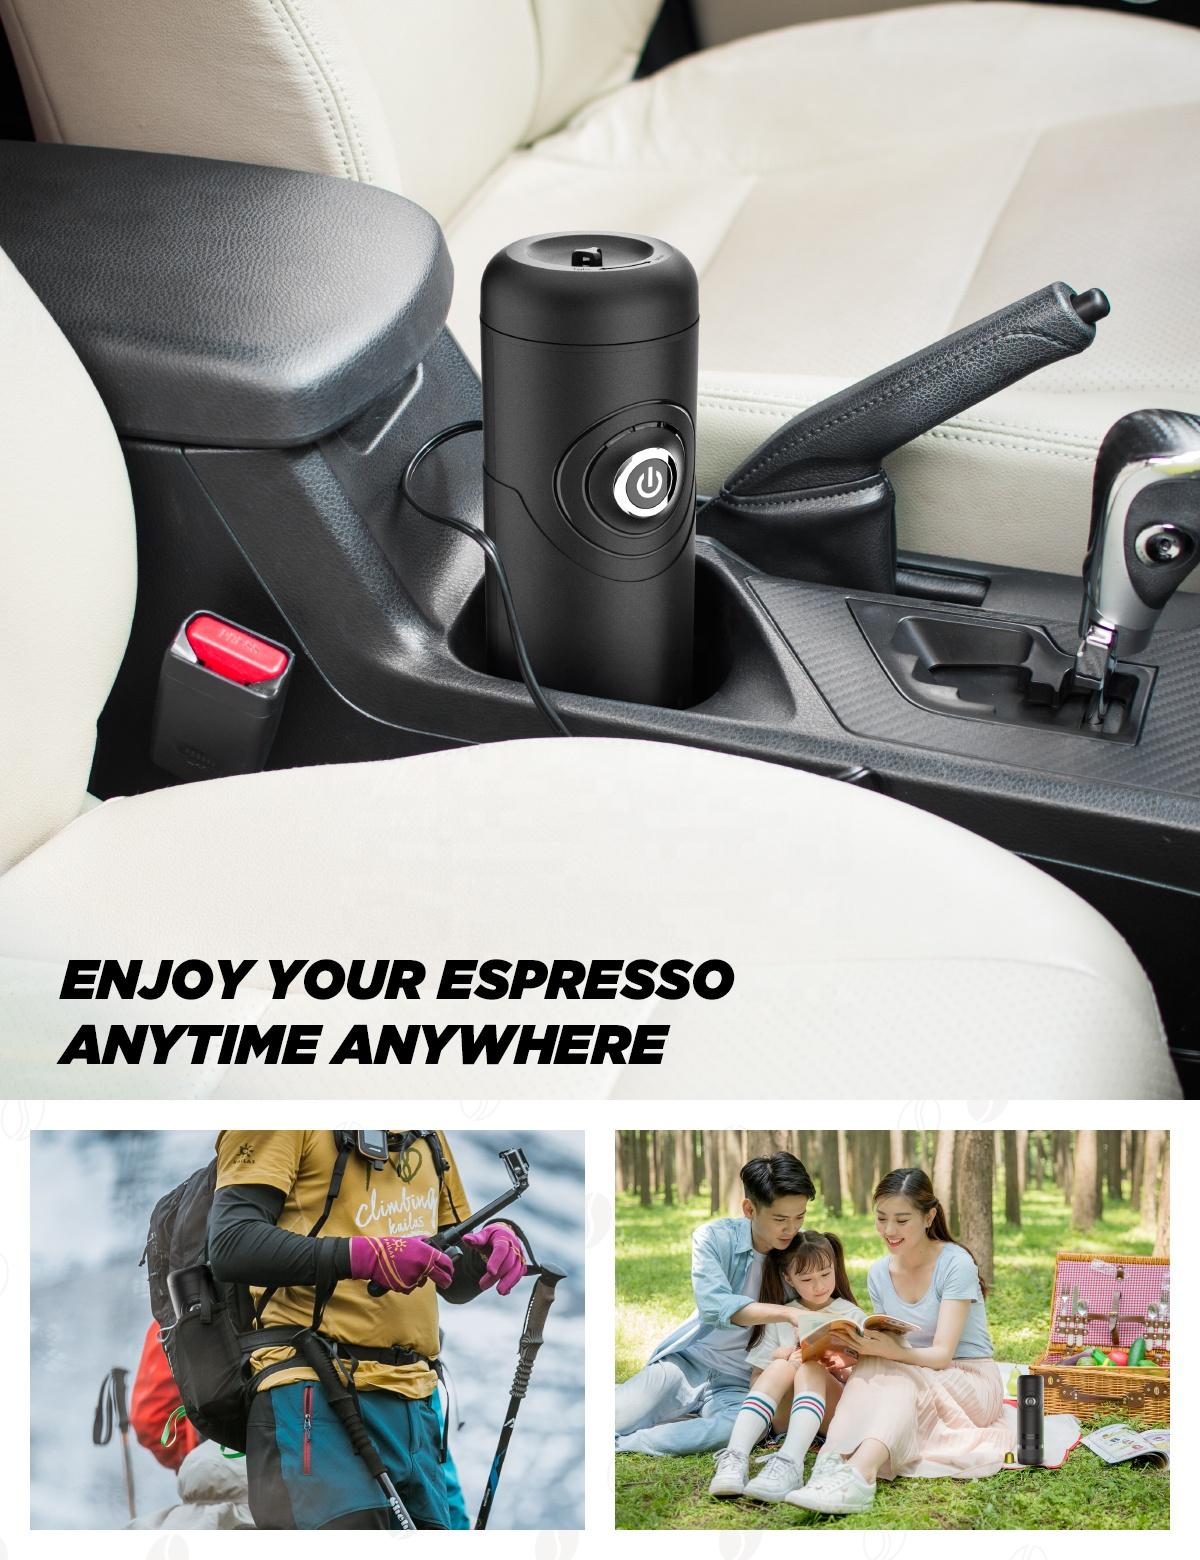 Портативная автоматическая кофемашина для итальянского эспрессо, 12 В, для путешествий, кемпинга, улицы